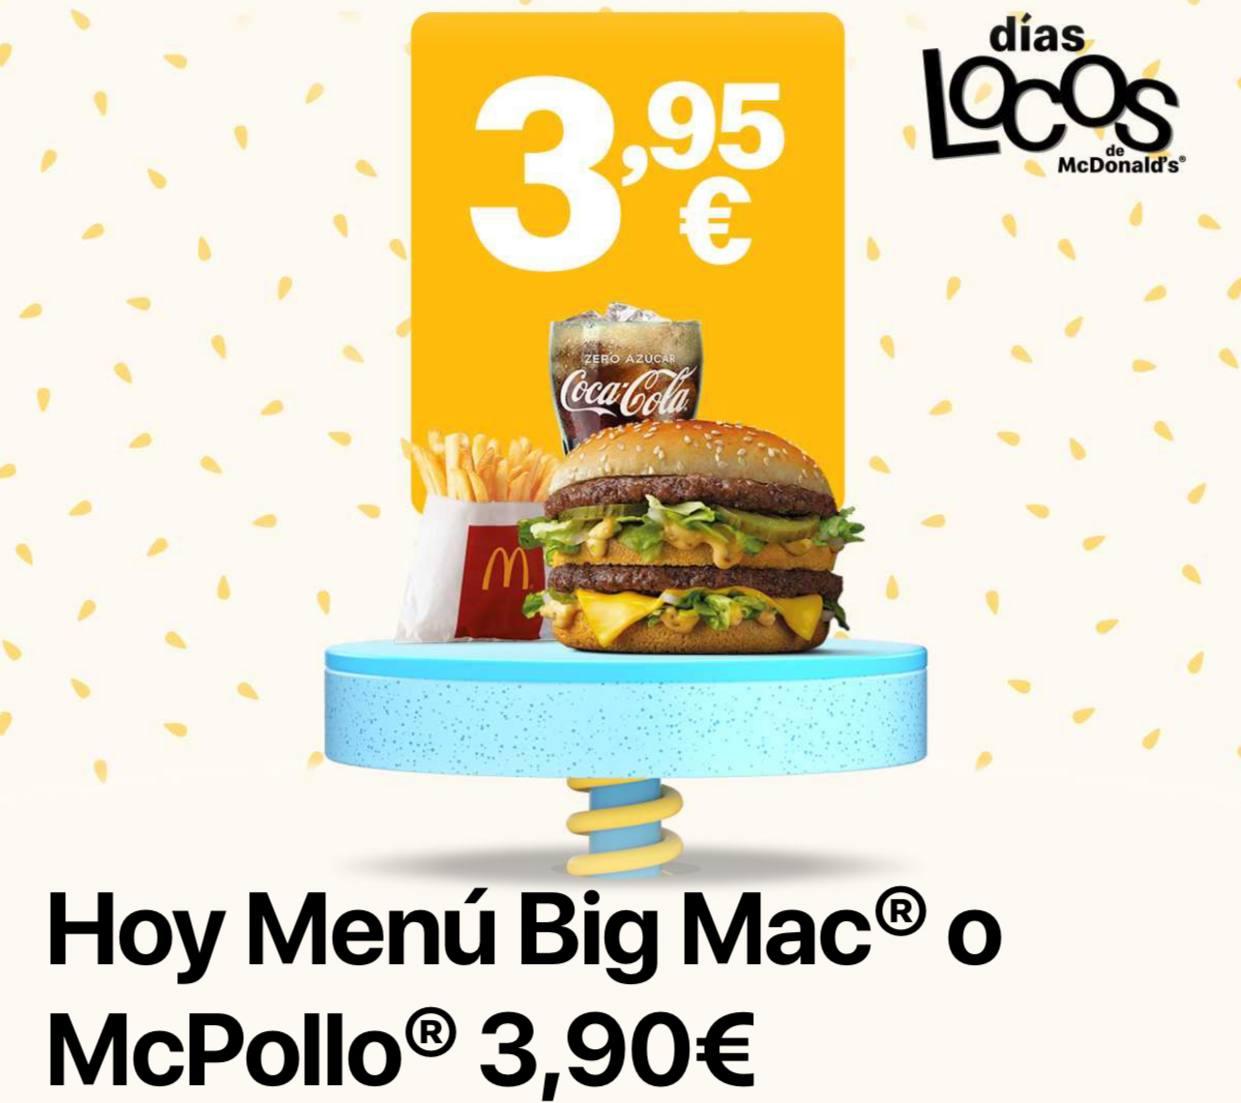 Menú Big Mac o Mcpollo con los días locos de McDonald's